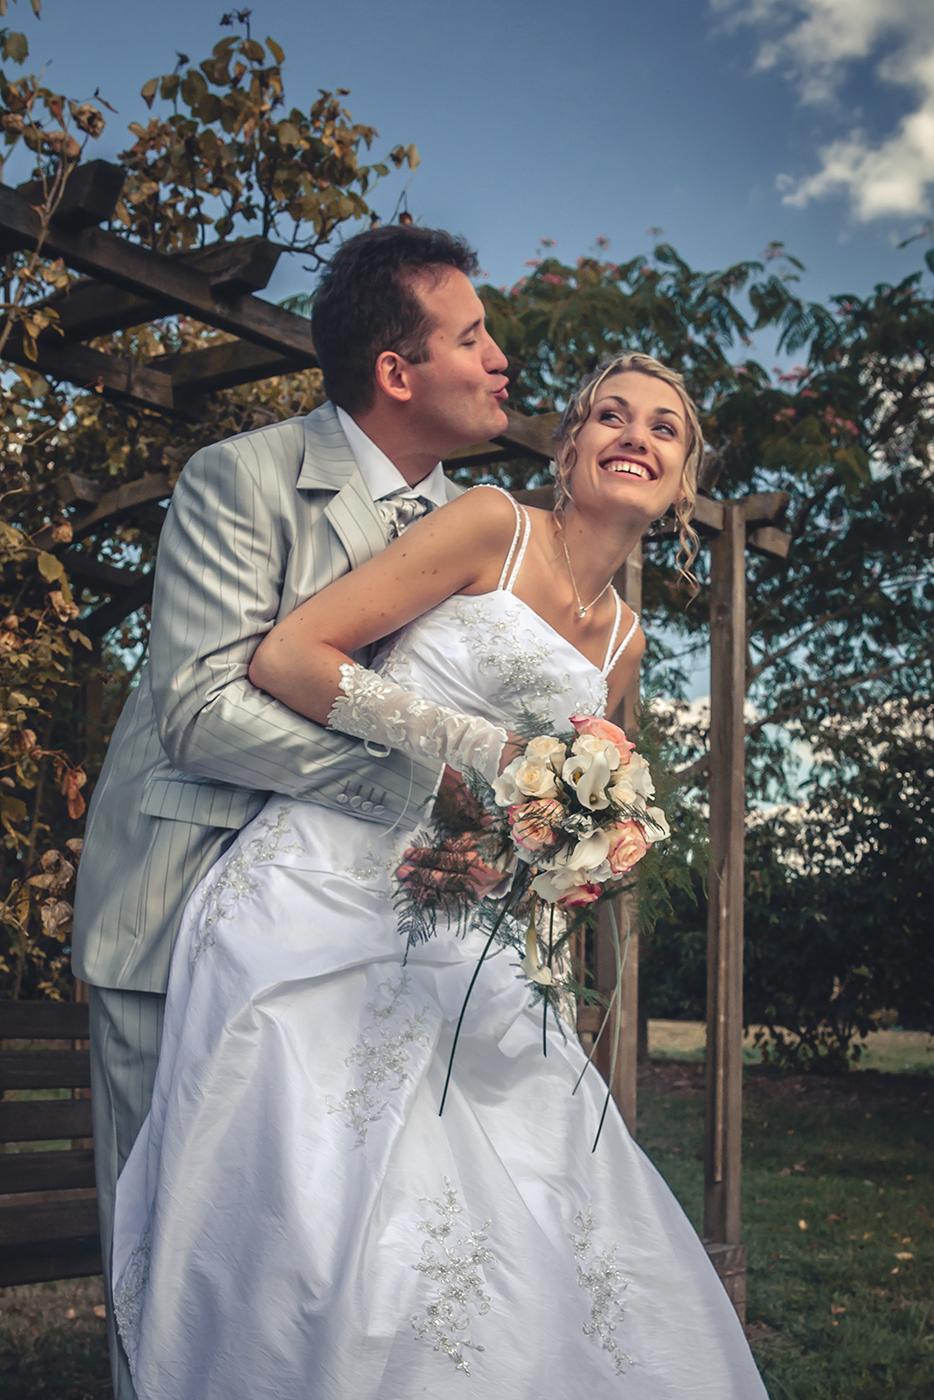 photographe-mariage-engagement-guillaume-heraud-003